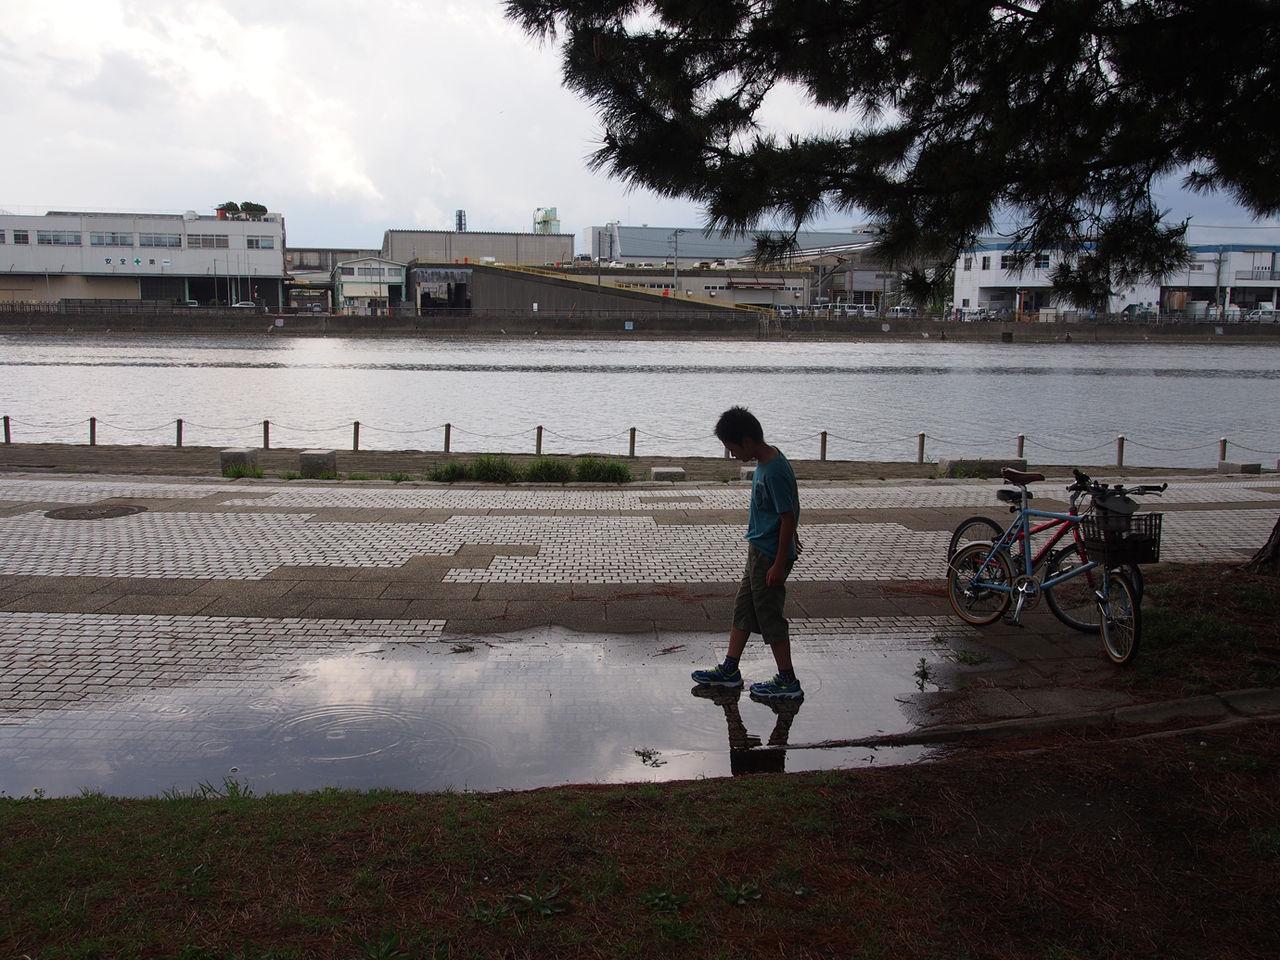 令和最初のサイクリングは親子で八景島へ♪